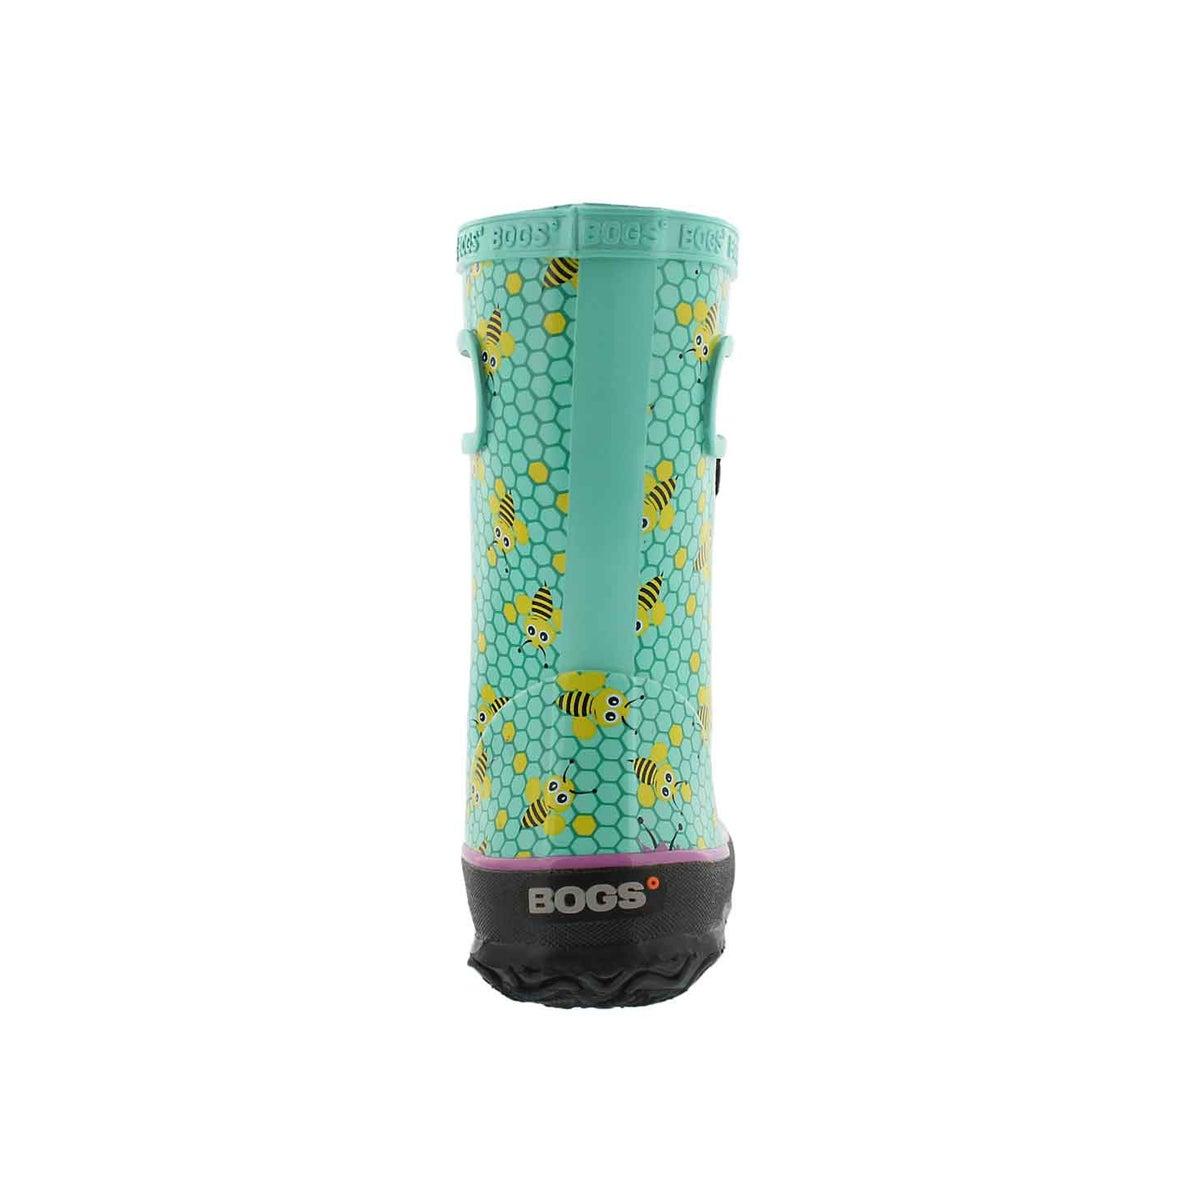 Inf-g Skipper Bees turq mlti rain boot